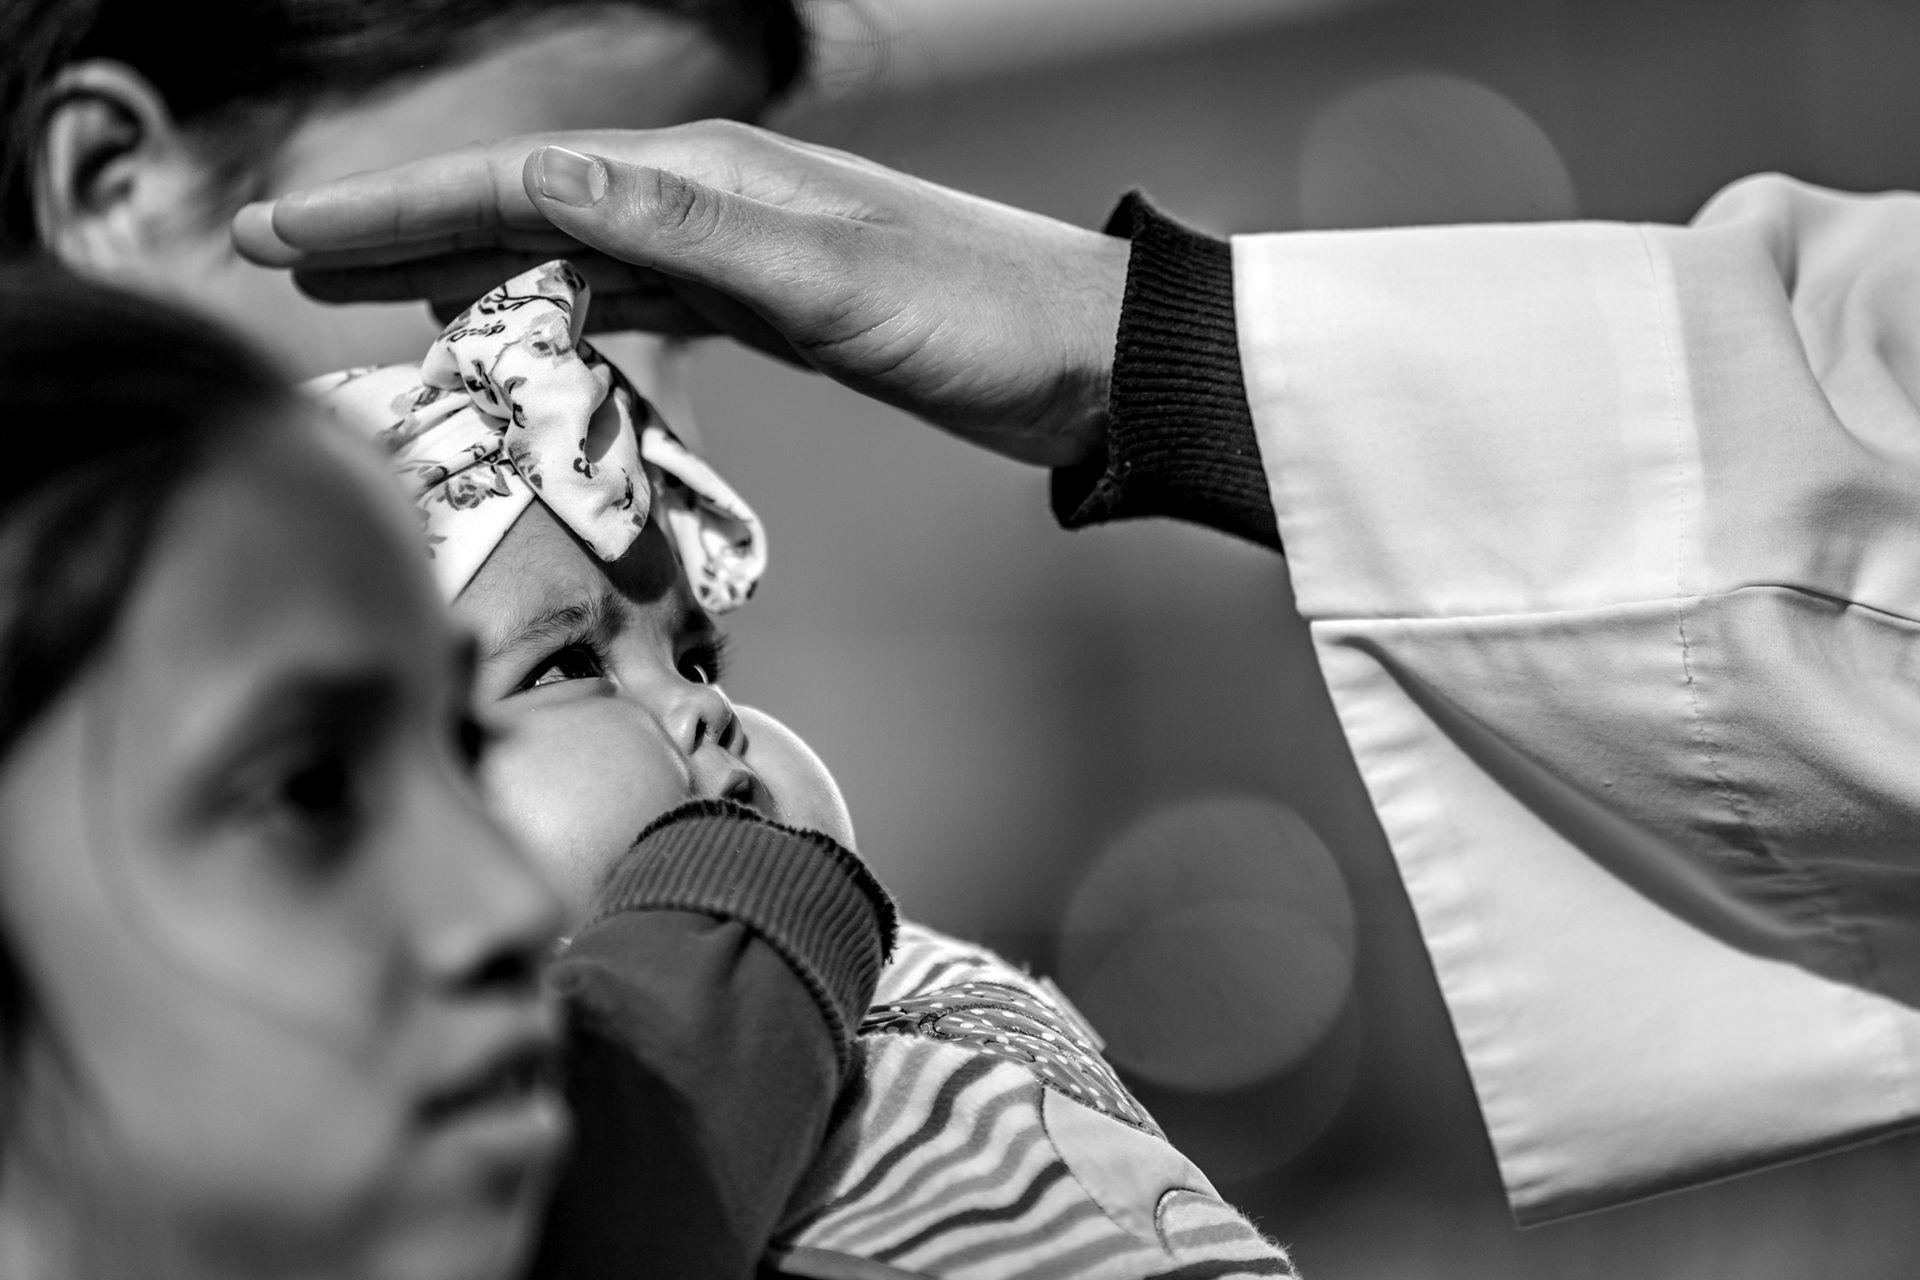 La procesión en honor al Señor y la Virgen del Milagro en Salta y la renovación del Pacto de Fidelidad cerrarán mañana una de las fiestas religiosas más convocante del país, que durante cada septiembre moviliza a gran parte de la comunidad salteña